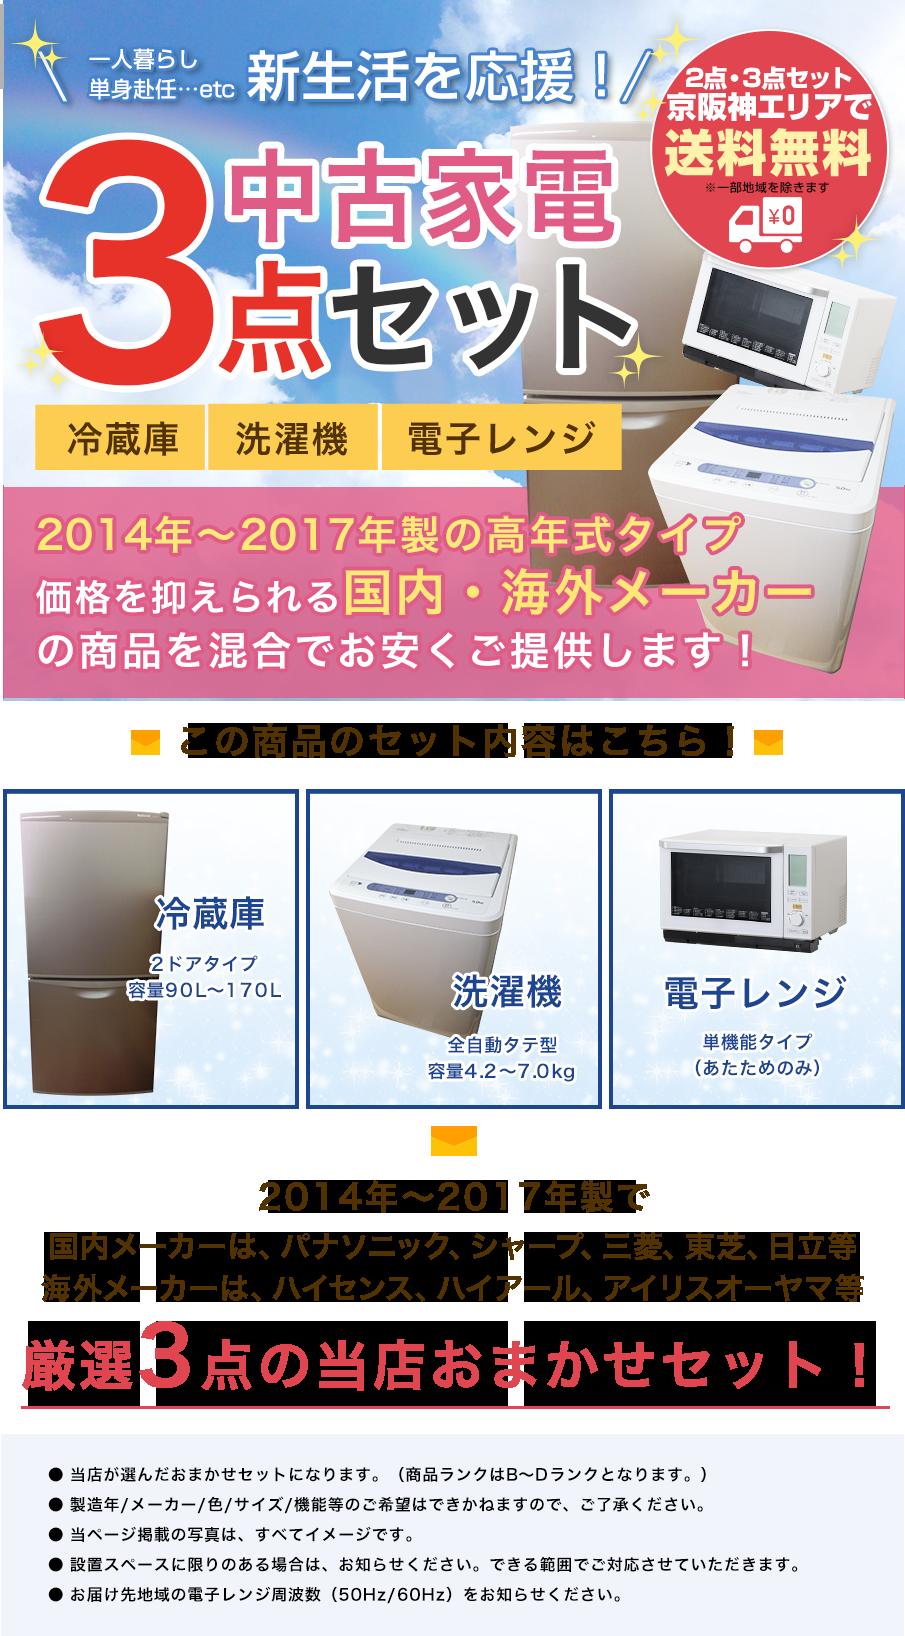 高年式家電3点セット(国産・海外メーカー混合)MV